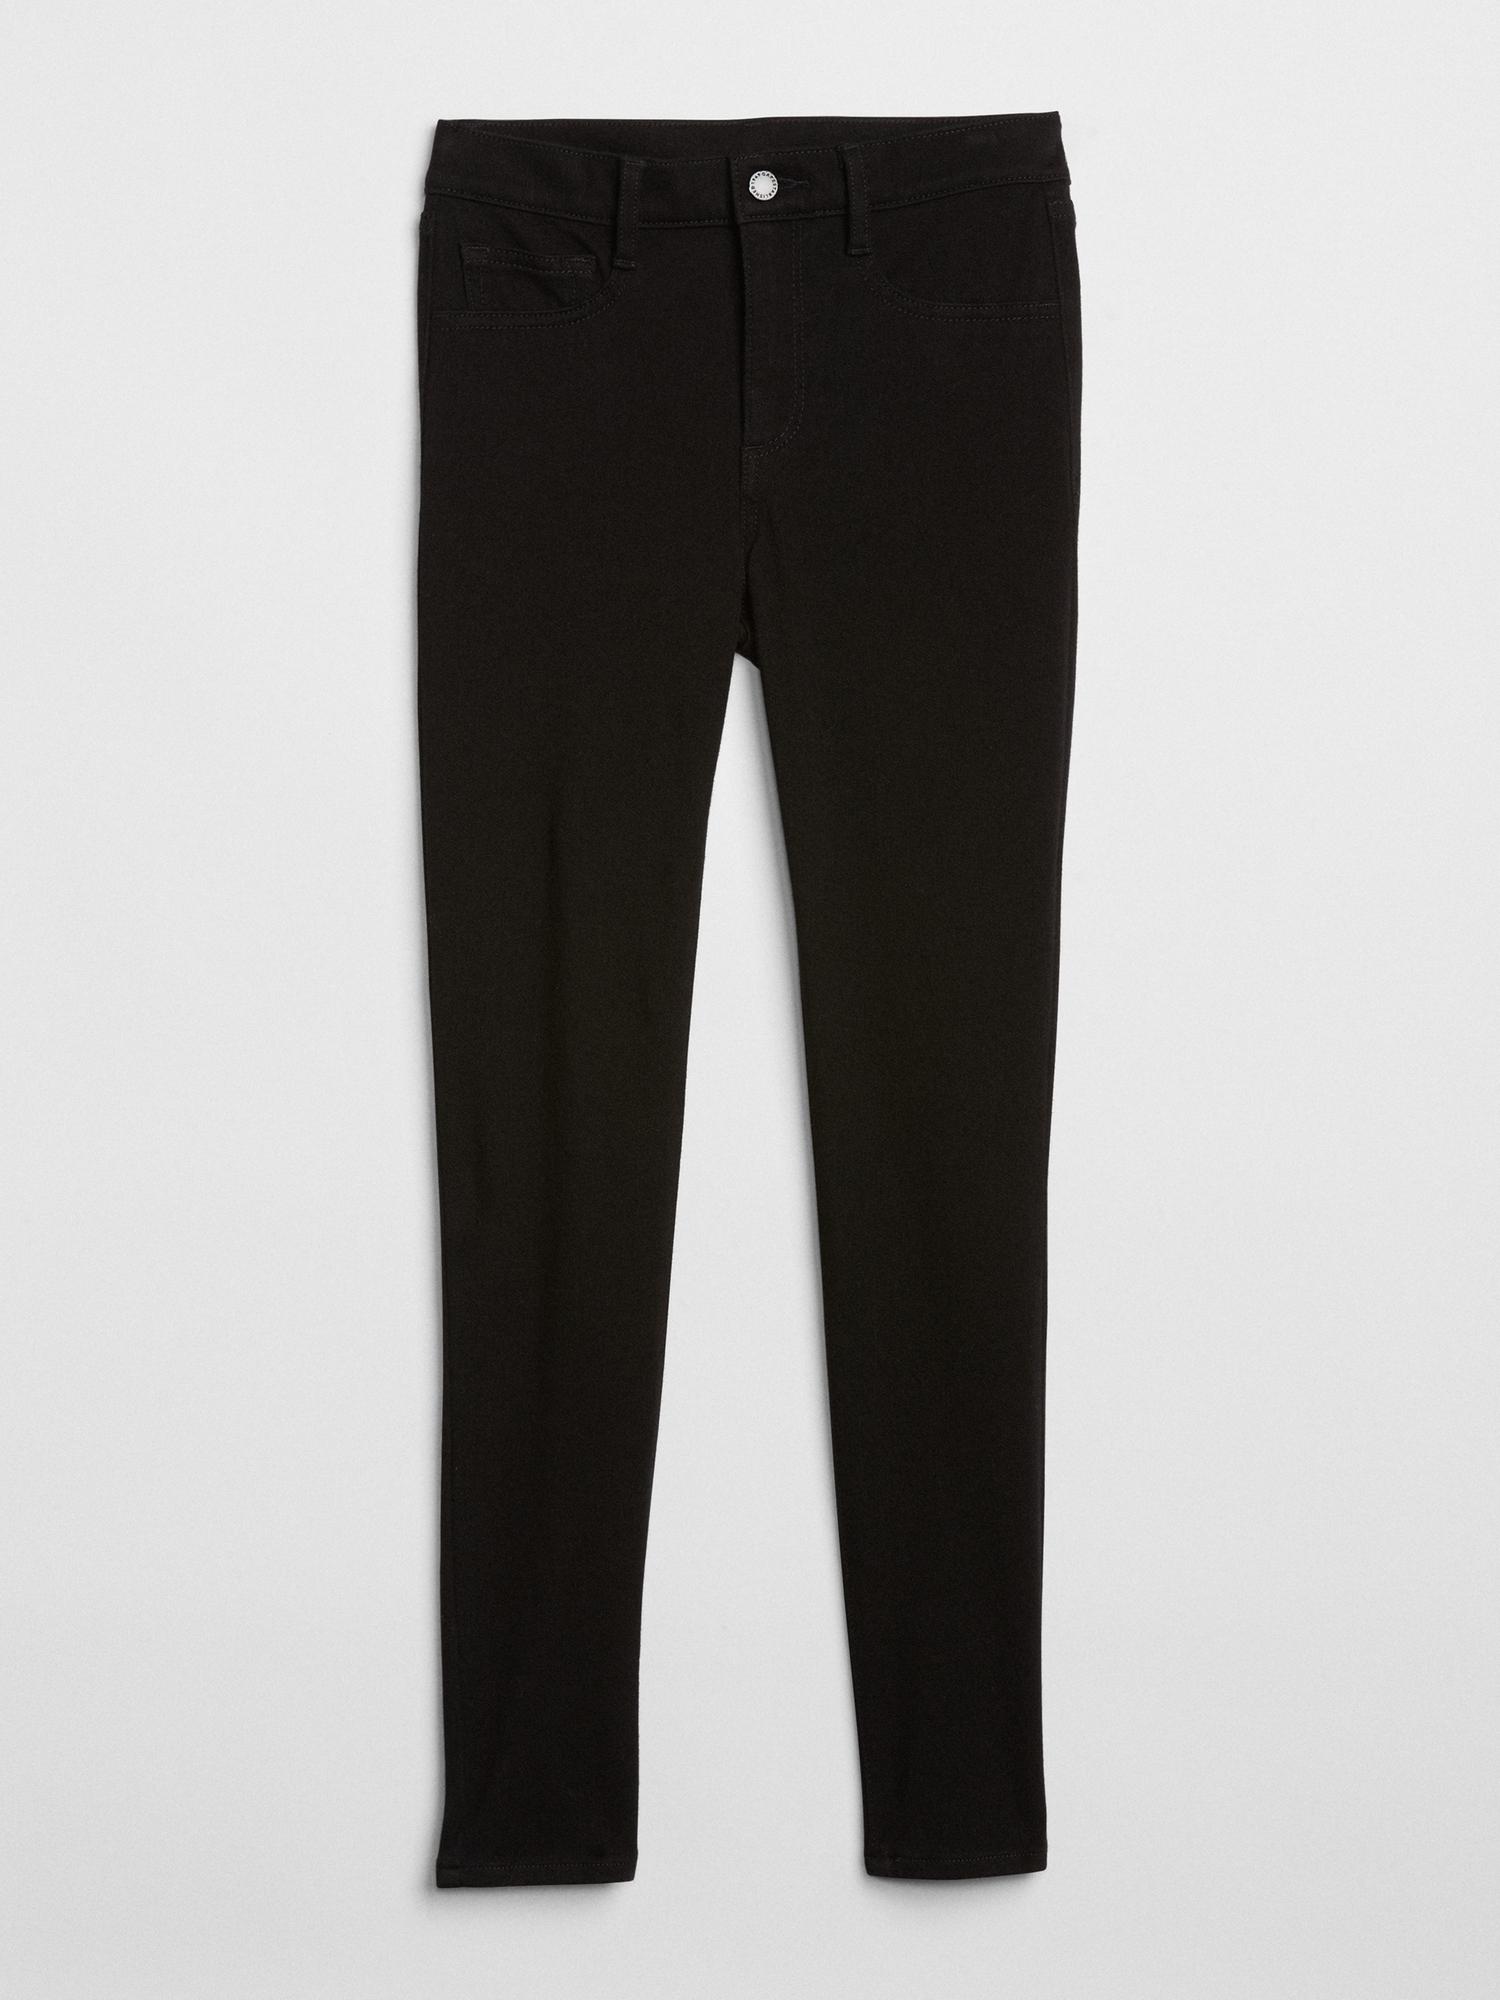 84d27b7bafd0df Soft Wear Mid Rise Knit Favorite Jeggings | Gap